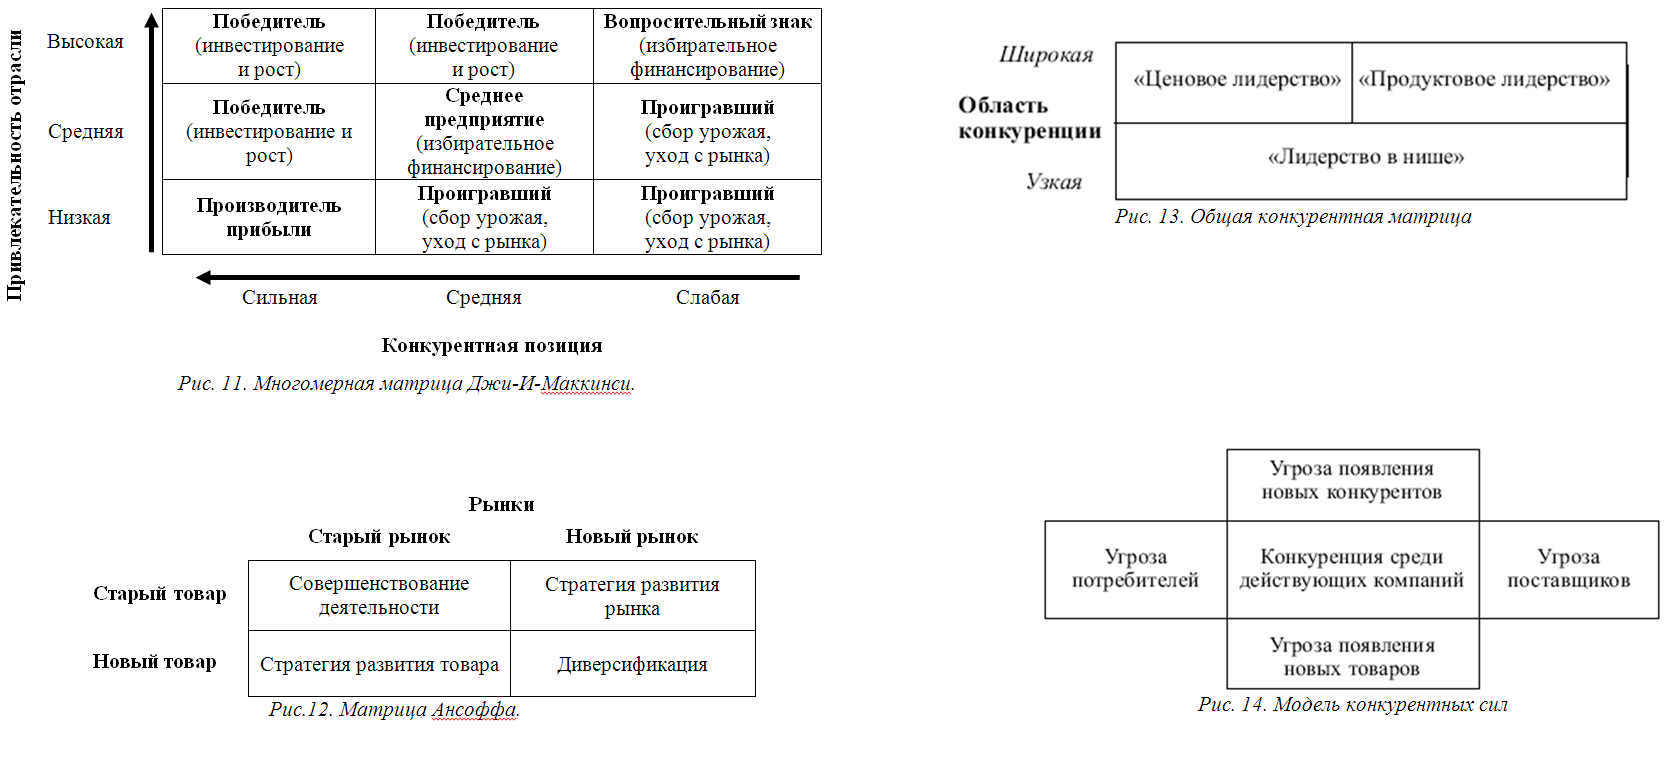 Классификация фирм занимающих различные рыночные позиции